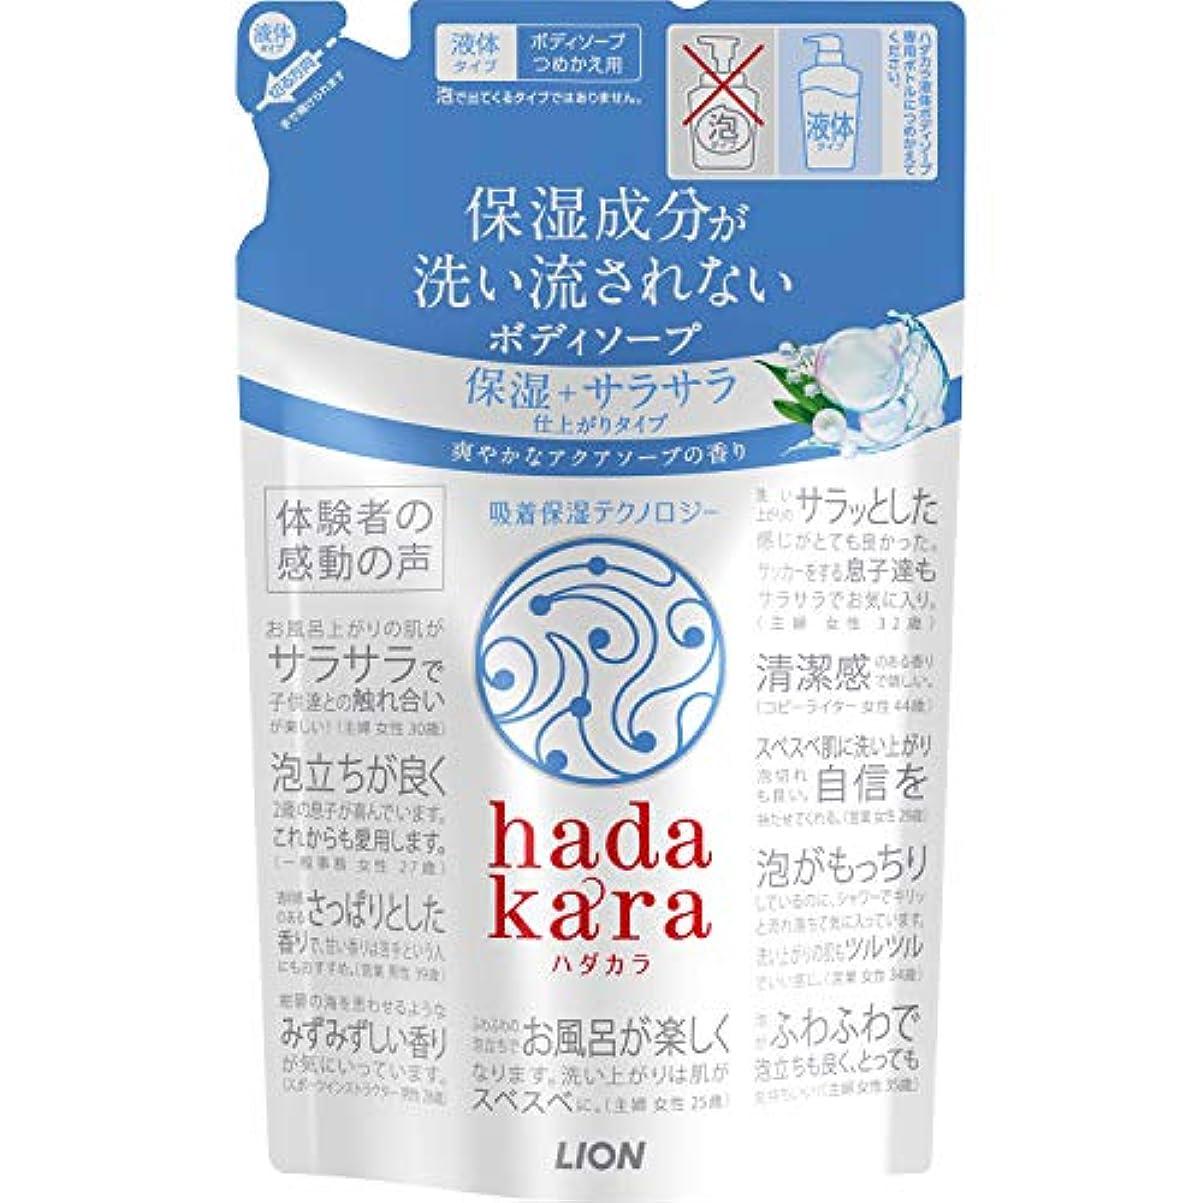 昨日ずんぐりしたリーフレットhadakara(ハダカラ) ボディソープ 保湿+サラサラ仕上がりタイプ アクアソープの香り 詰め替え 340ml